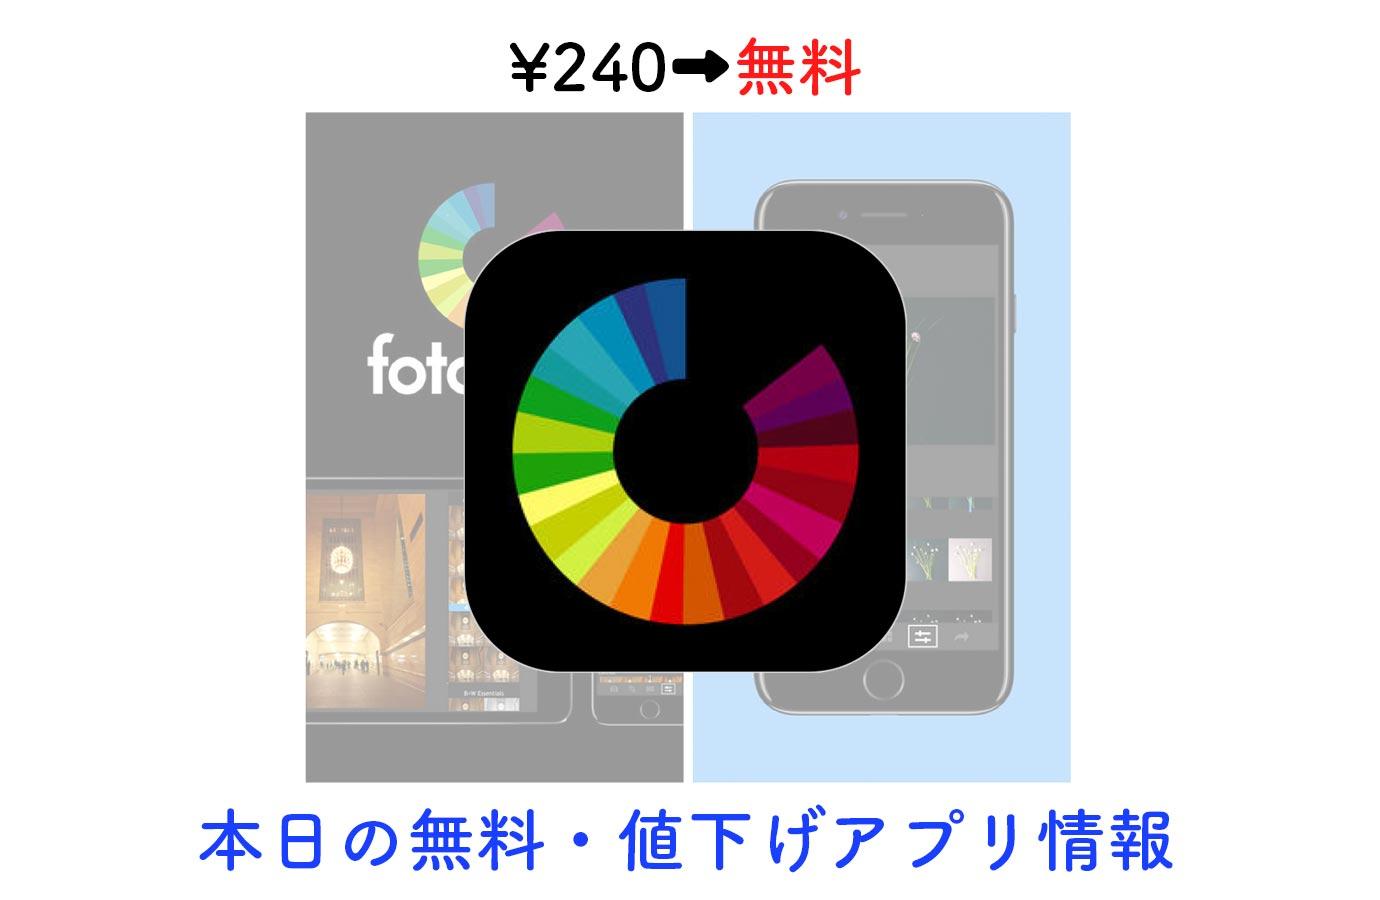 ¥240→無料、高品質なフィルターなどを搭載した写真加工アプリ「Fotograf」など【11/4】本日の無料・値下げアプリ情報